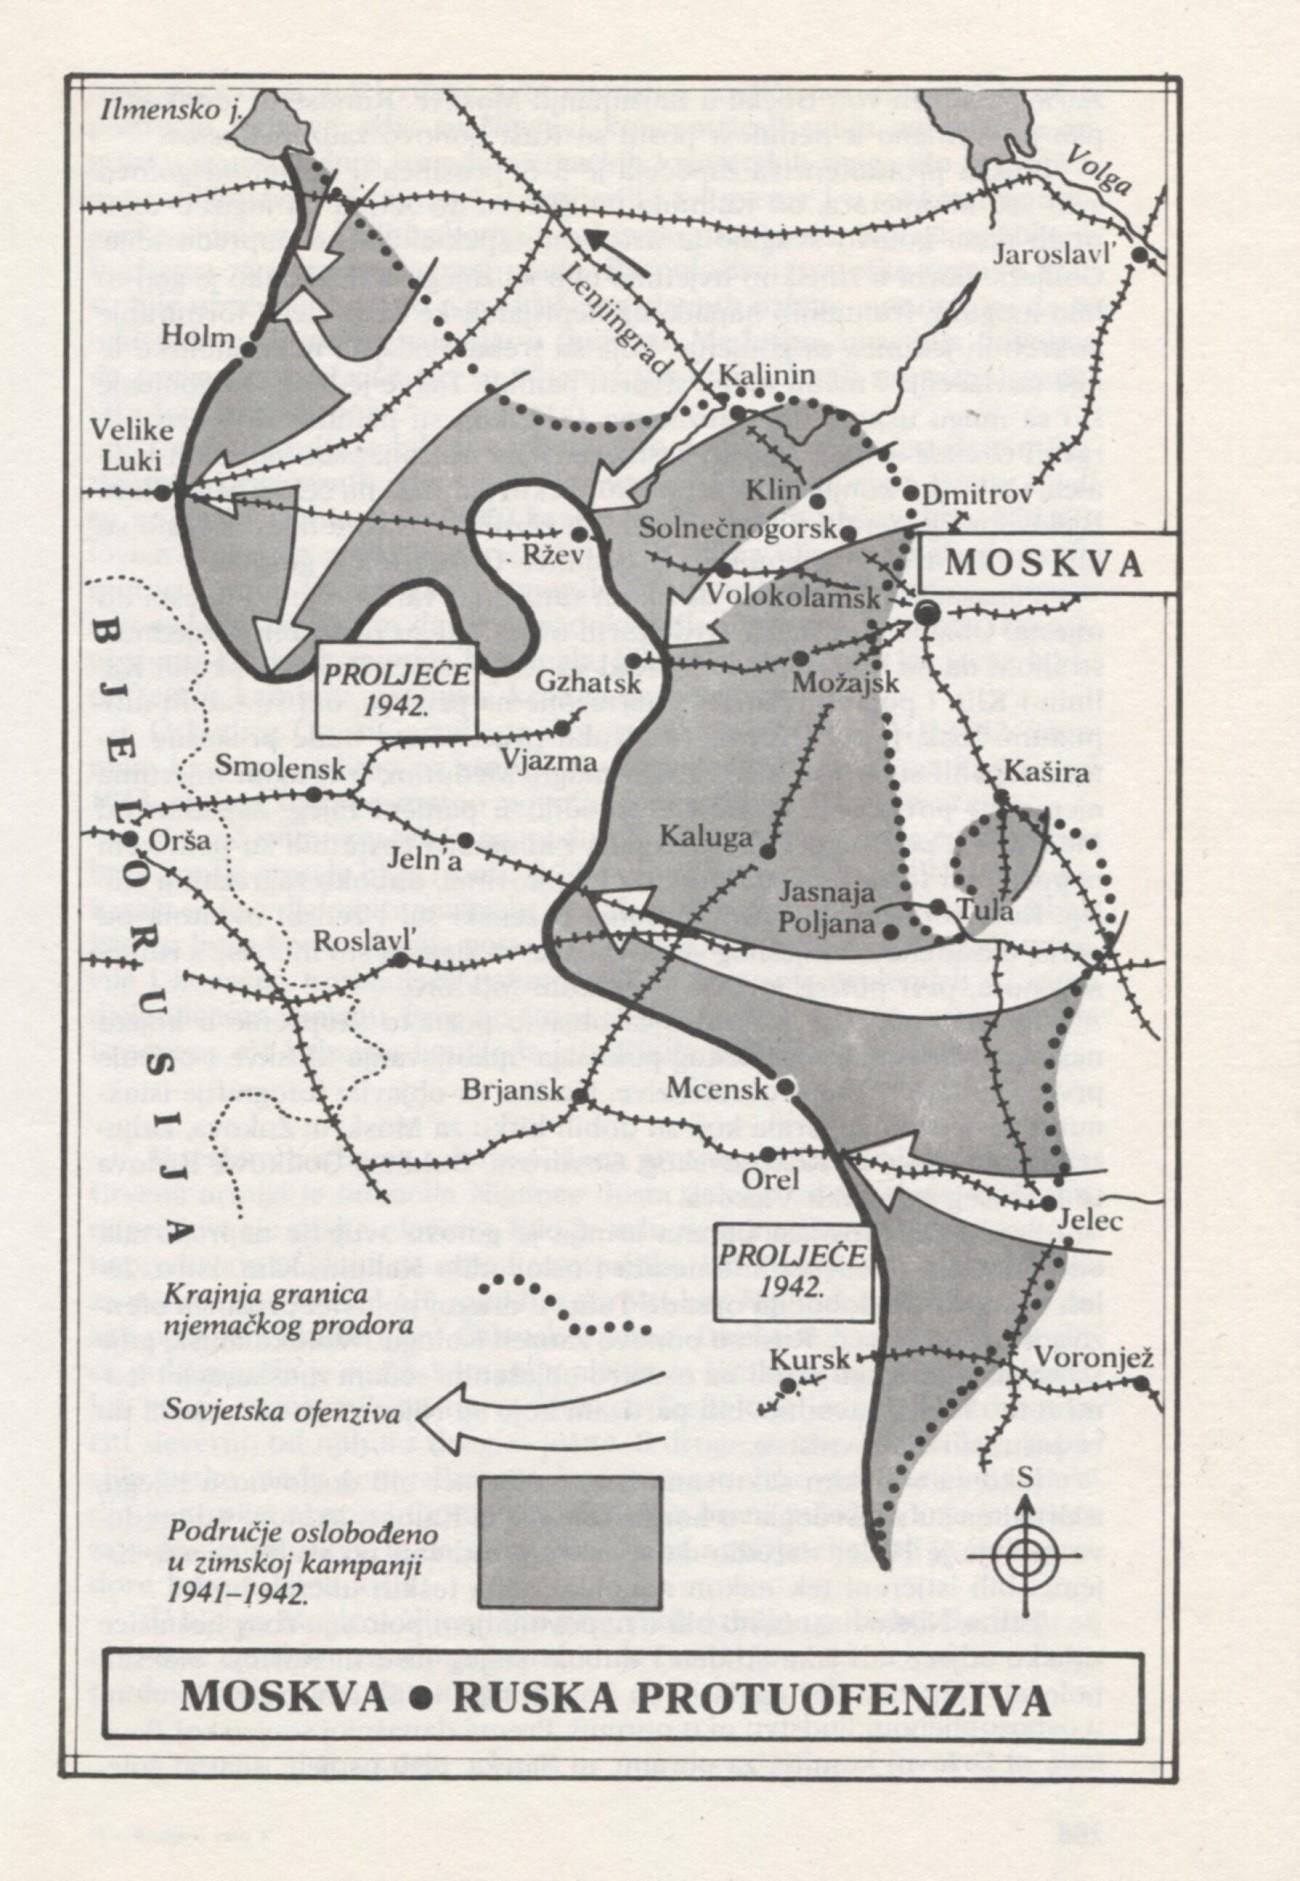 Sovjetska kontraofenziva 1941.